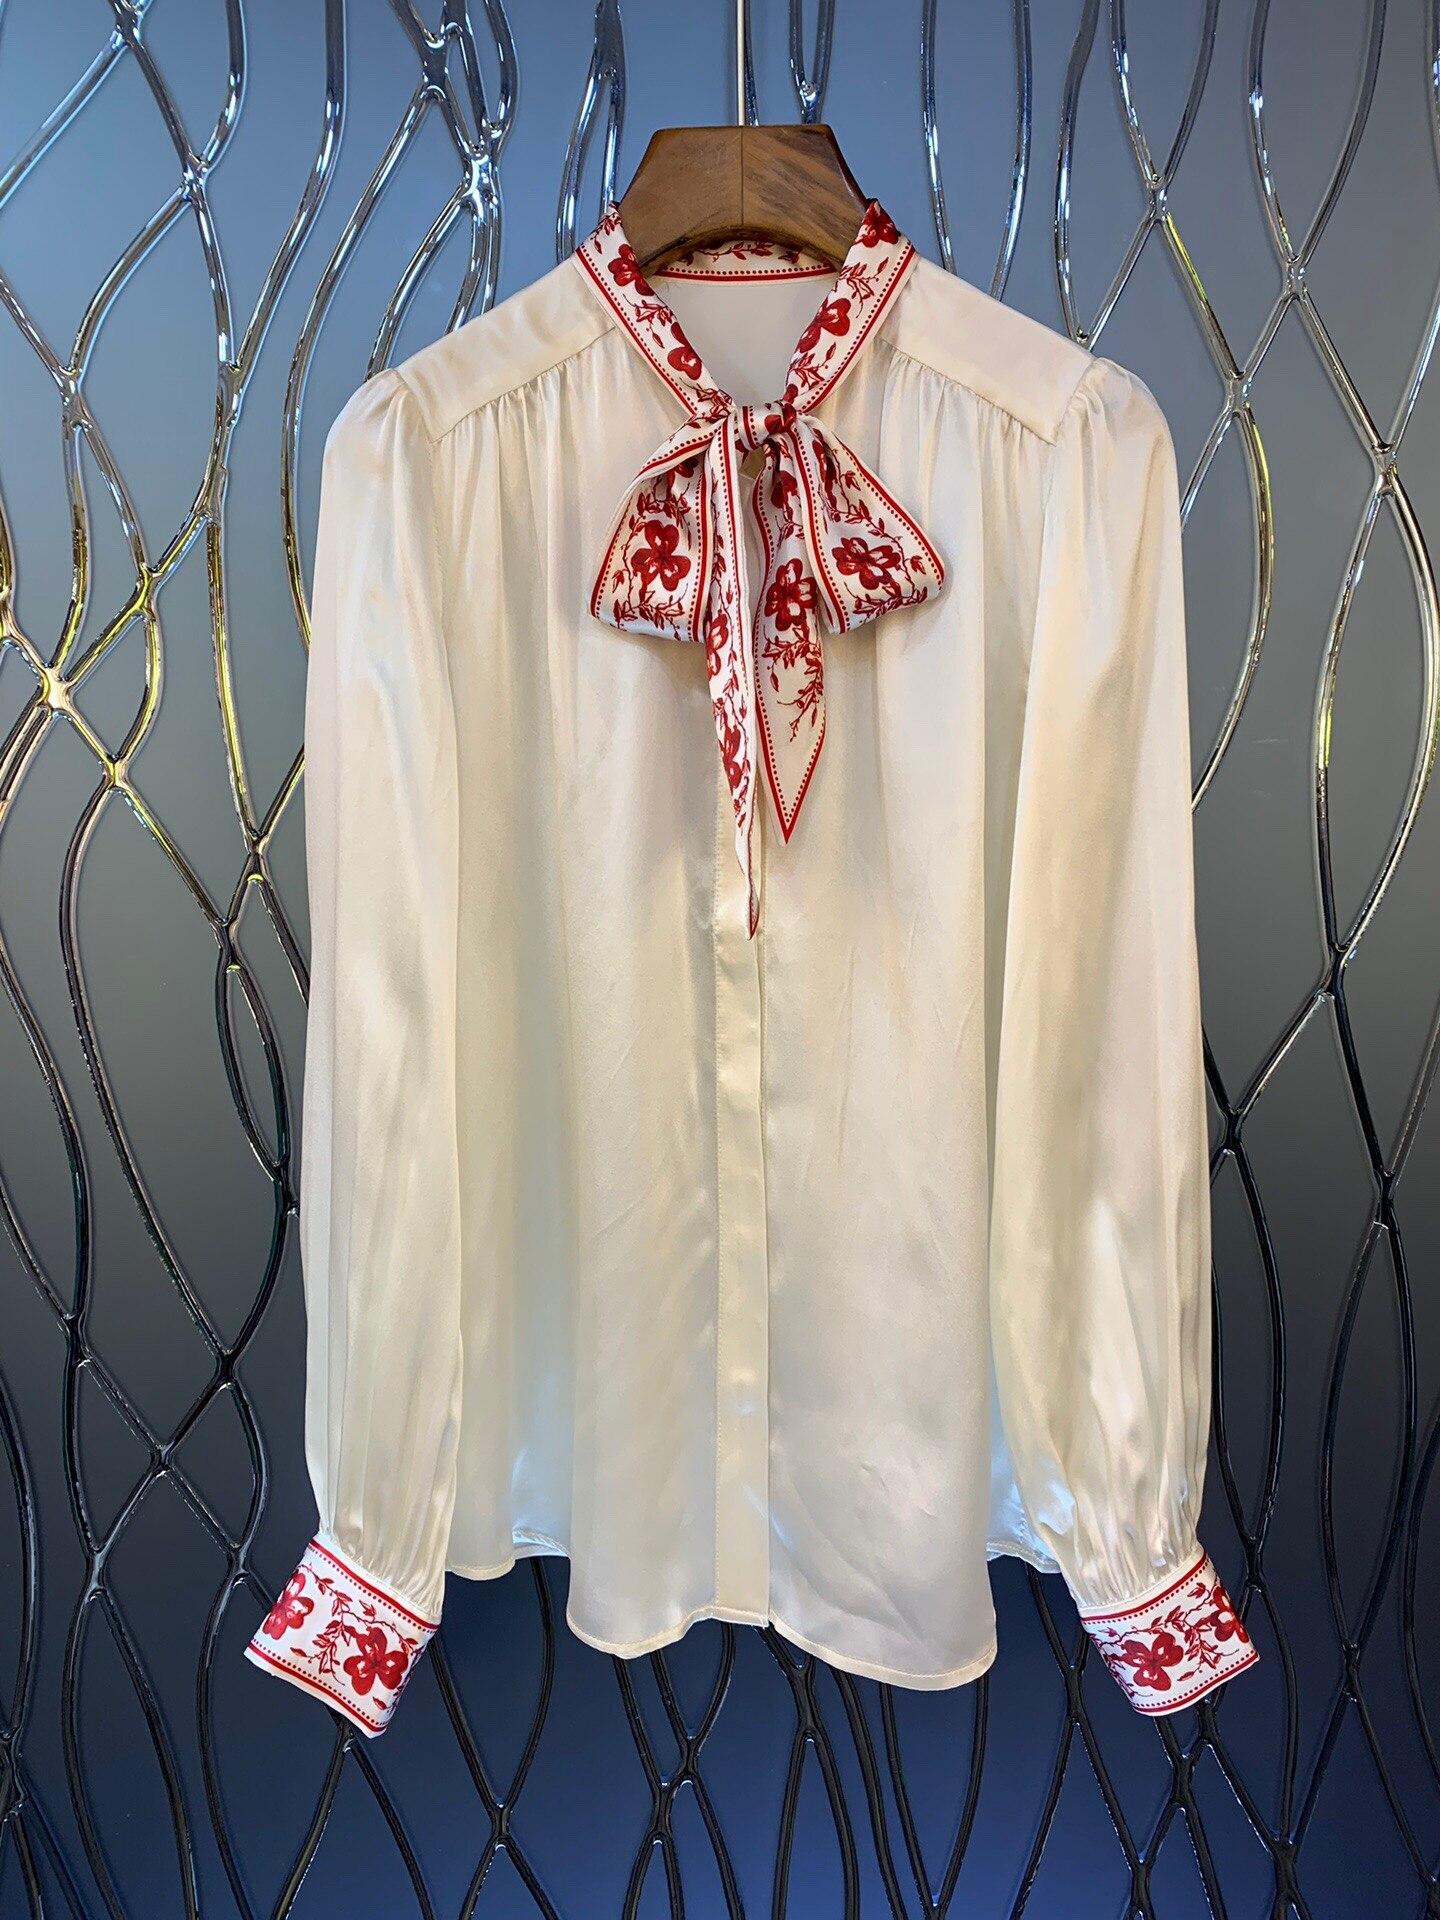 2019 nueva camisa de seda de manga larga con cuello de lazo y estampado Vintage elegante envío gratis a todo el mundo